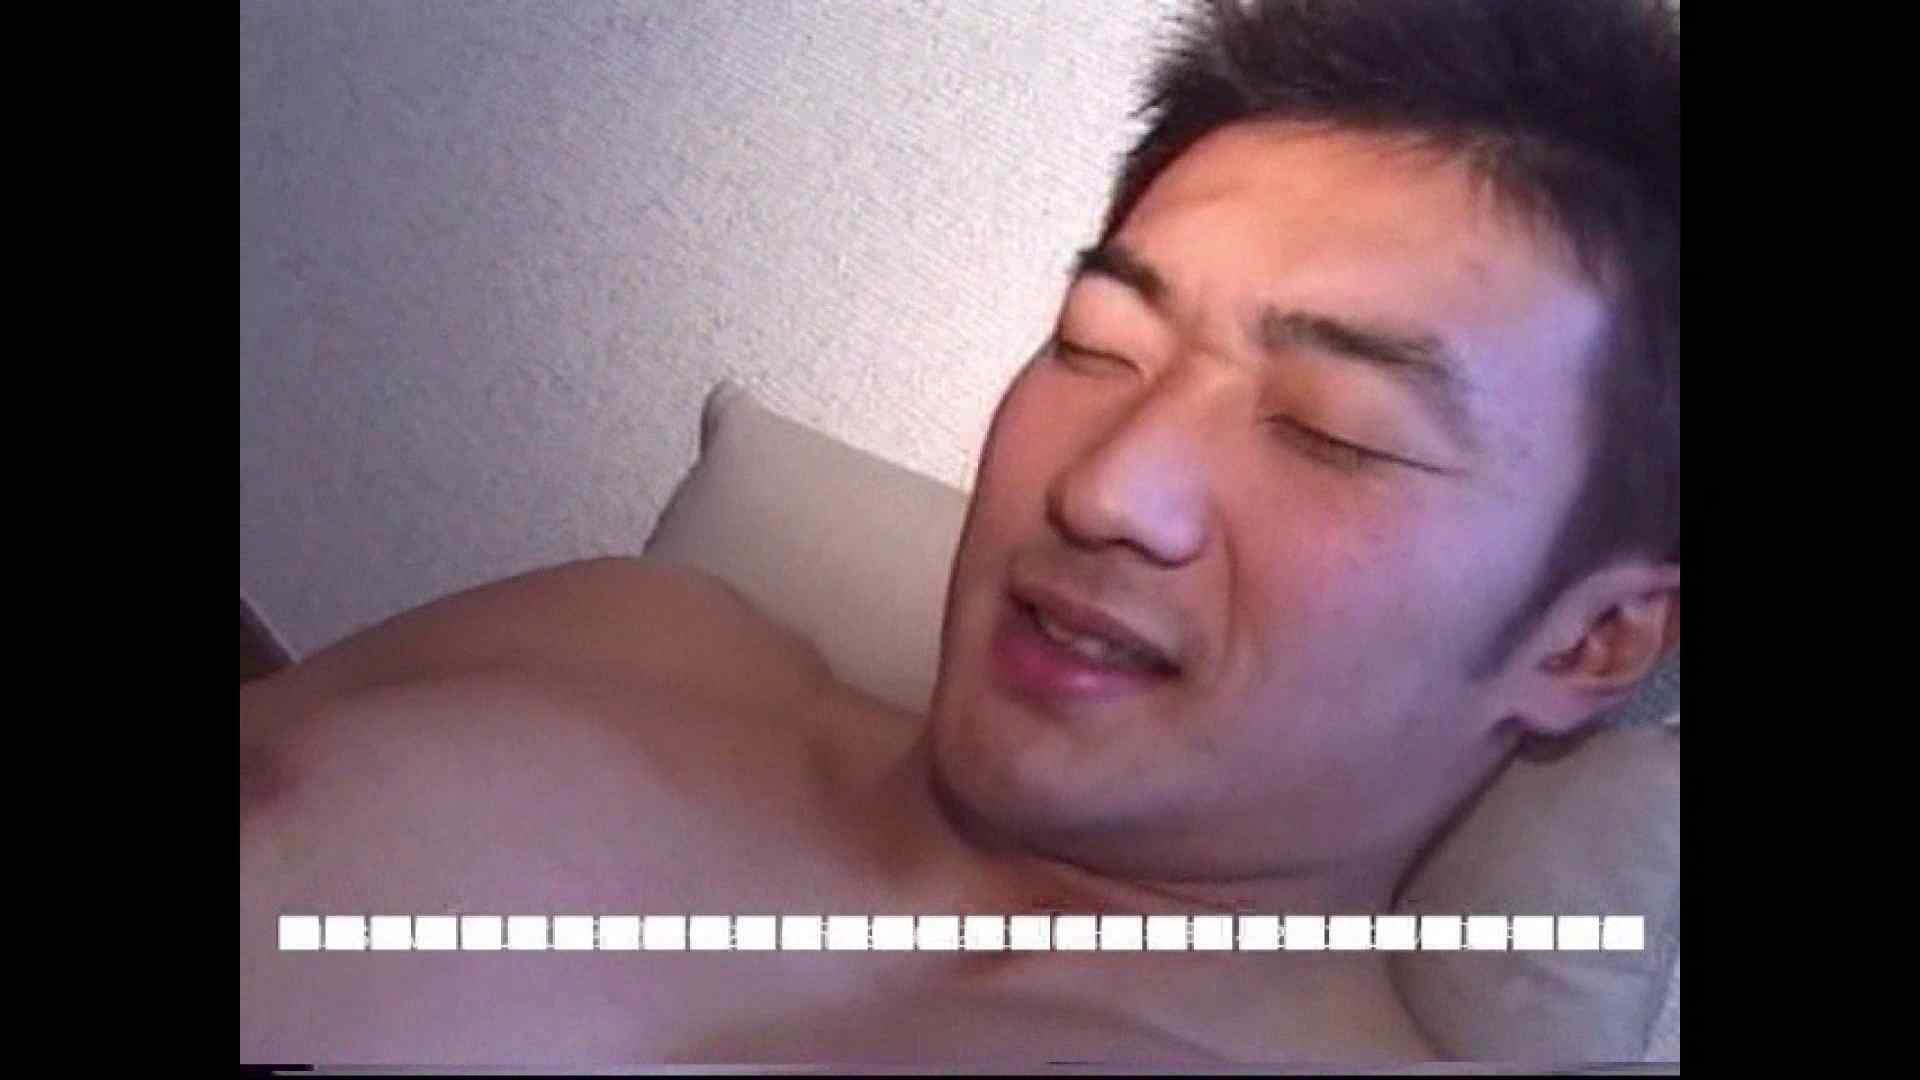 オナれ!集まれ!イケてるメンズ達!!File.40 私服   ノンケのオナニー  77連発 69